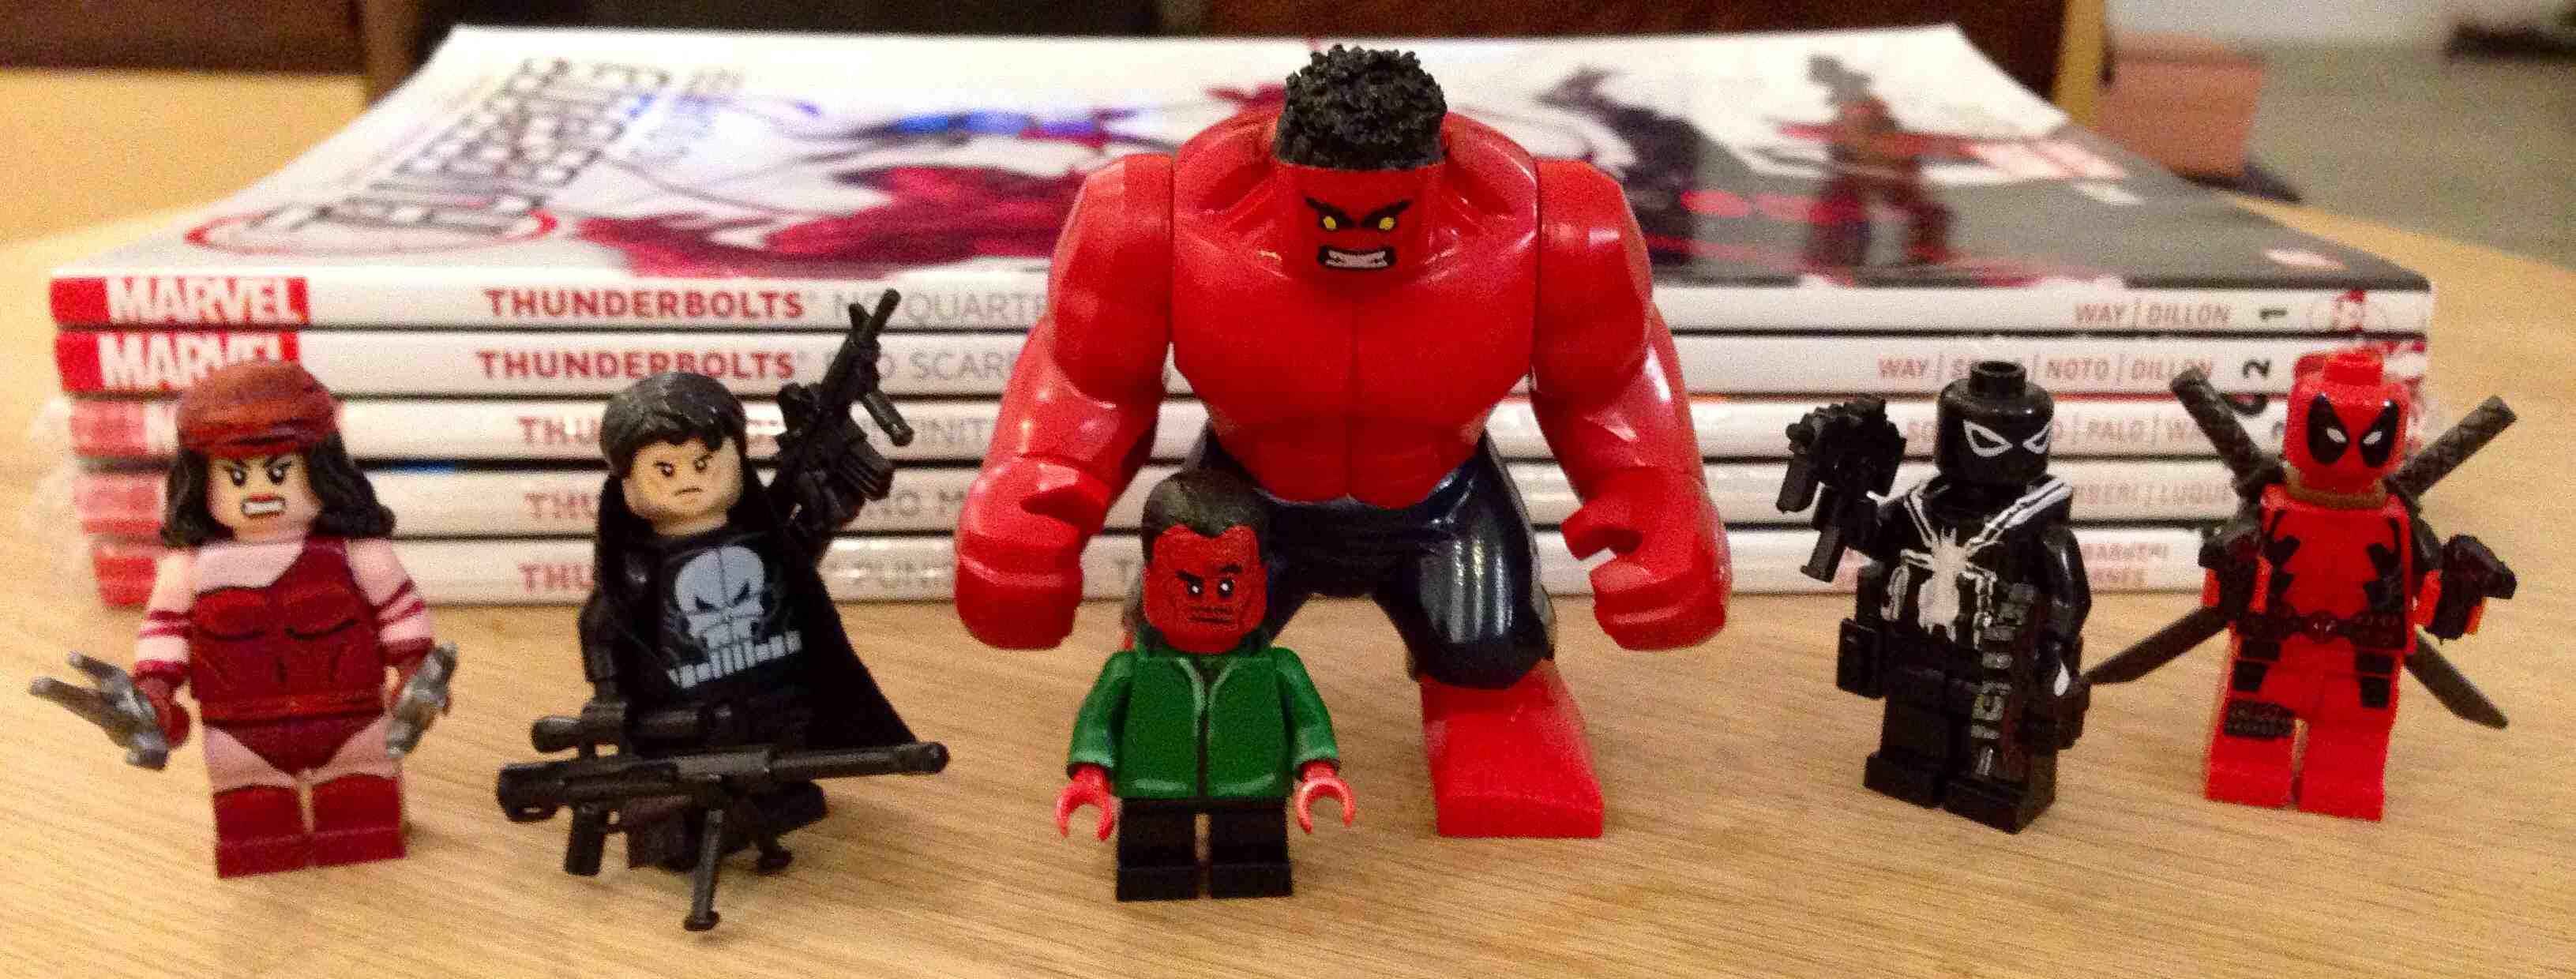 Lego Marvel Superheroes Colossus vs Juggernaut Lego Marvel Superheroes